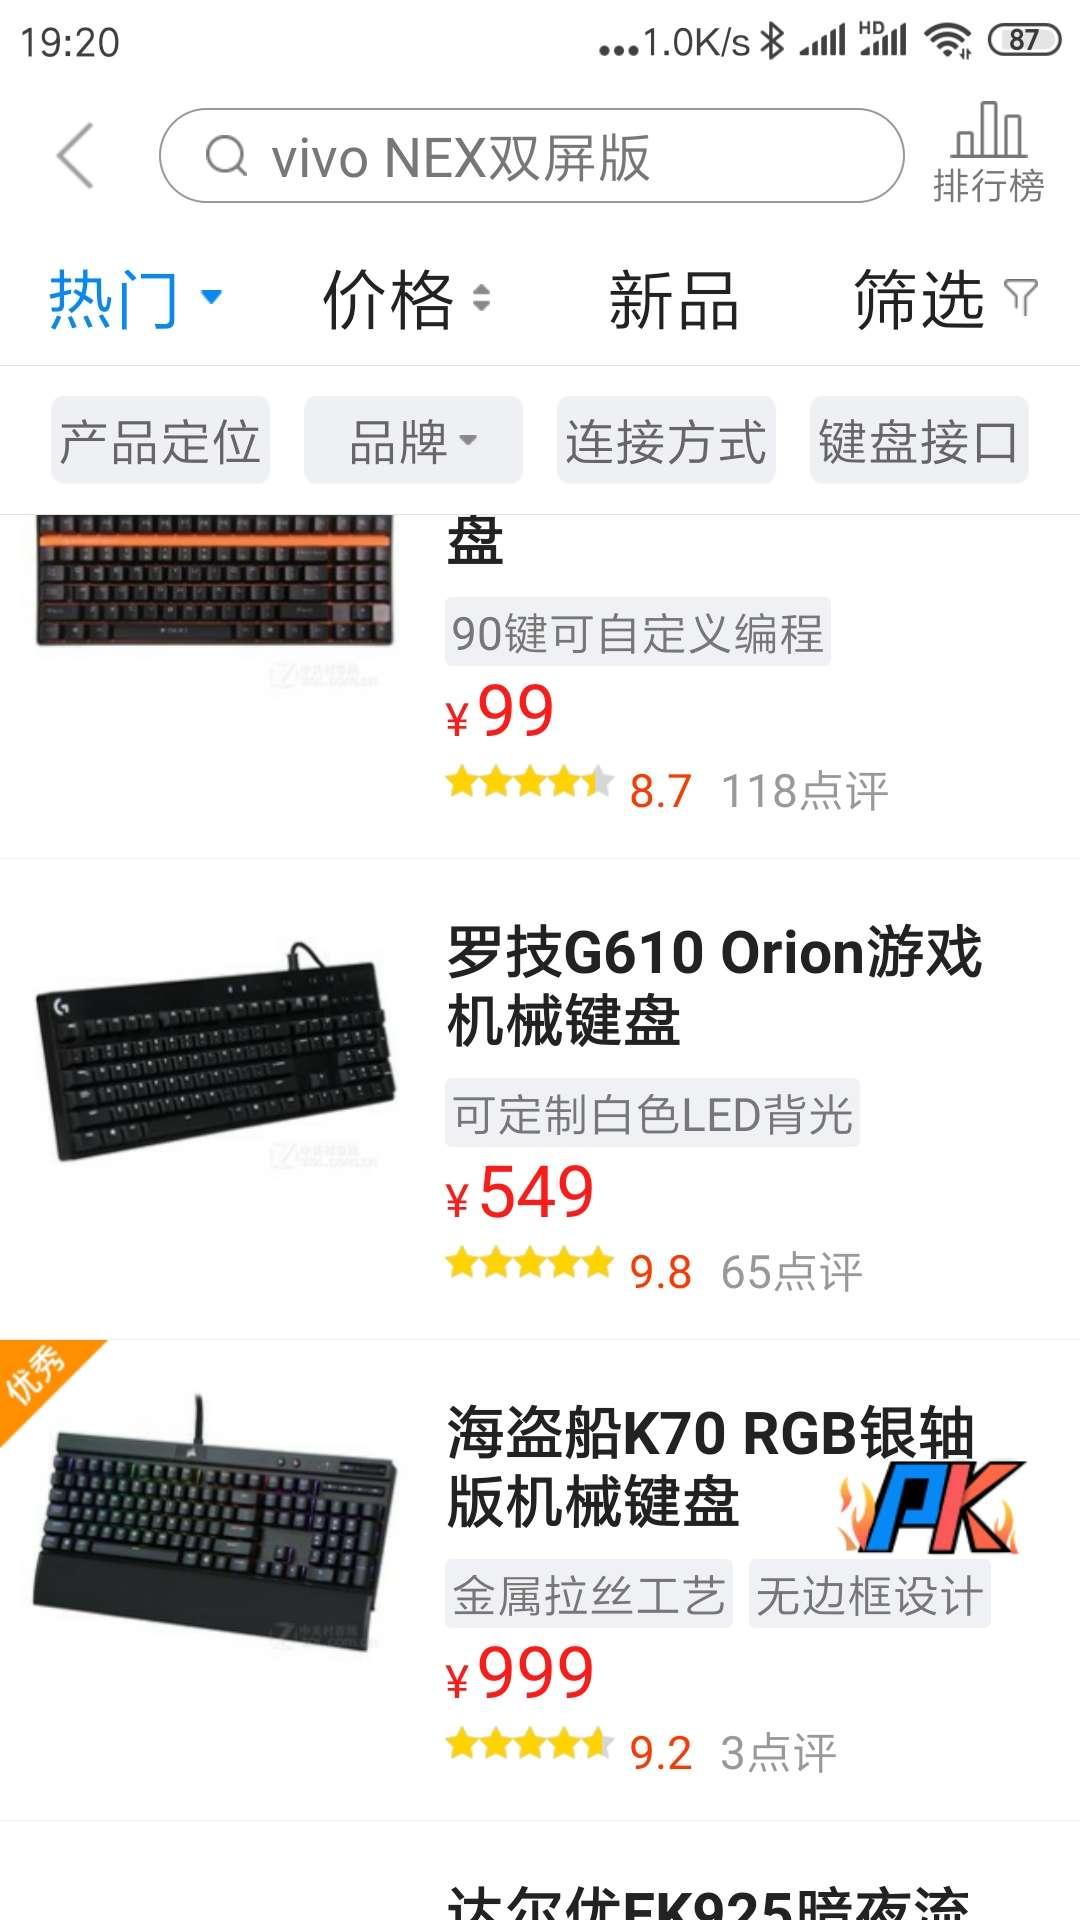 矮轴机械键盘手感怎么样,有性价比高点的款式吗?